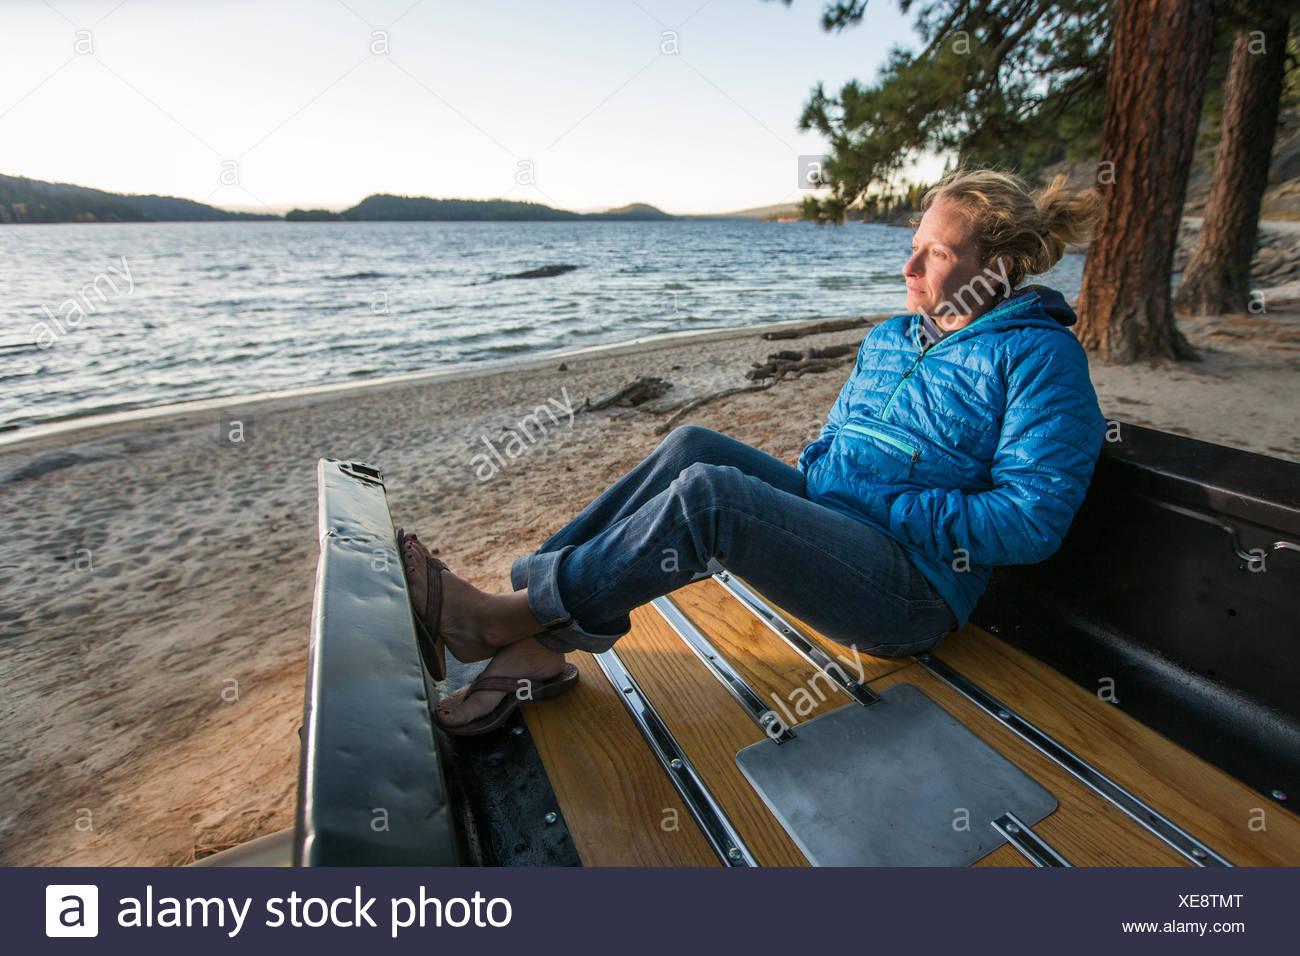 Donna seduta nel rinnovato carrello guardando il tramonto sul Lago Payette, McCall, Idaho, Stati Uniti d'America Foto Stock